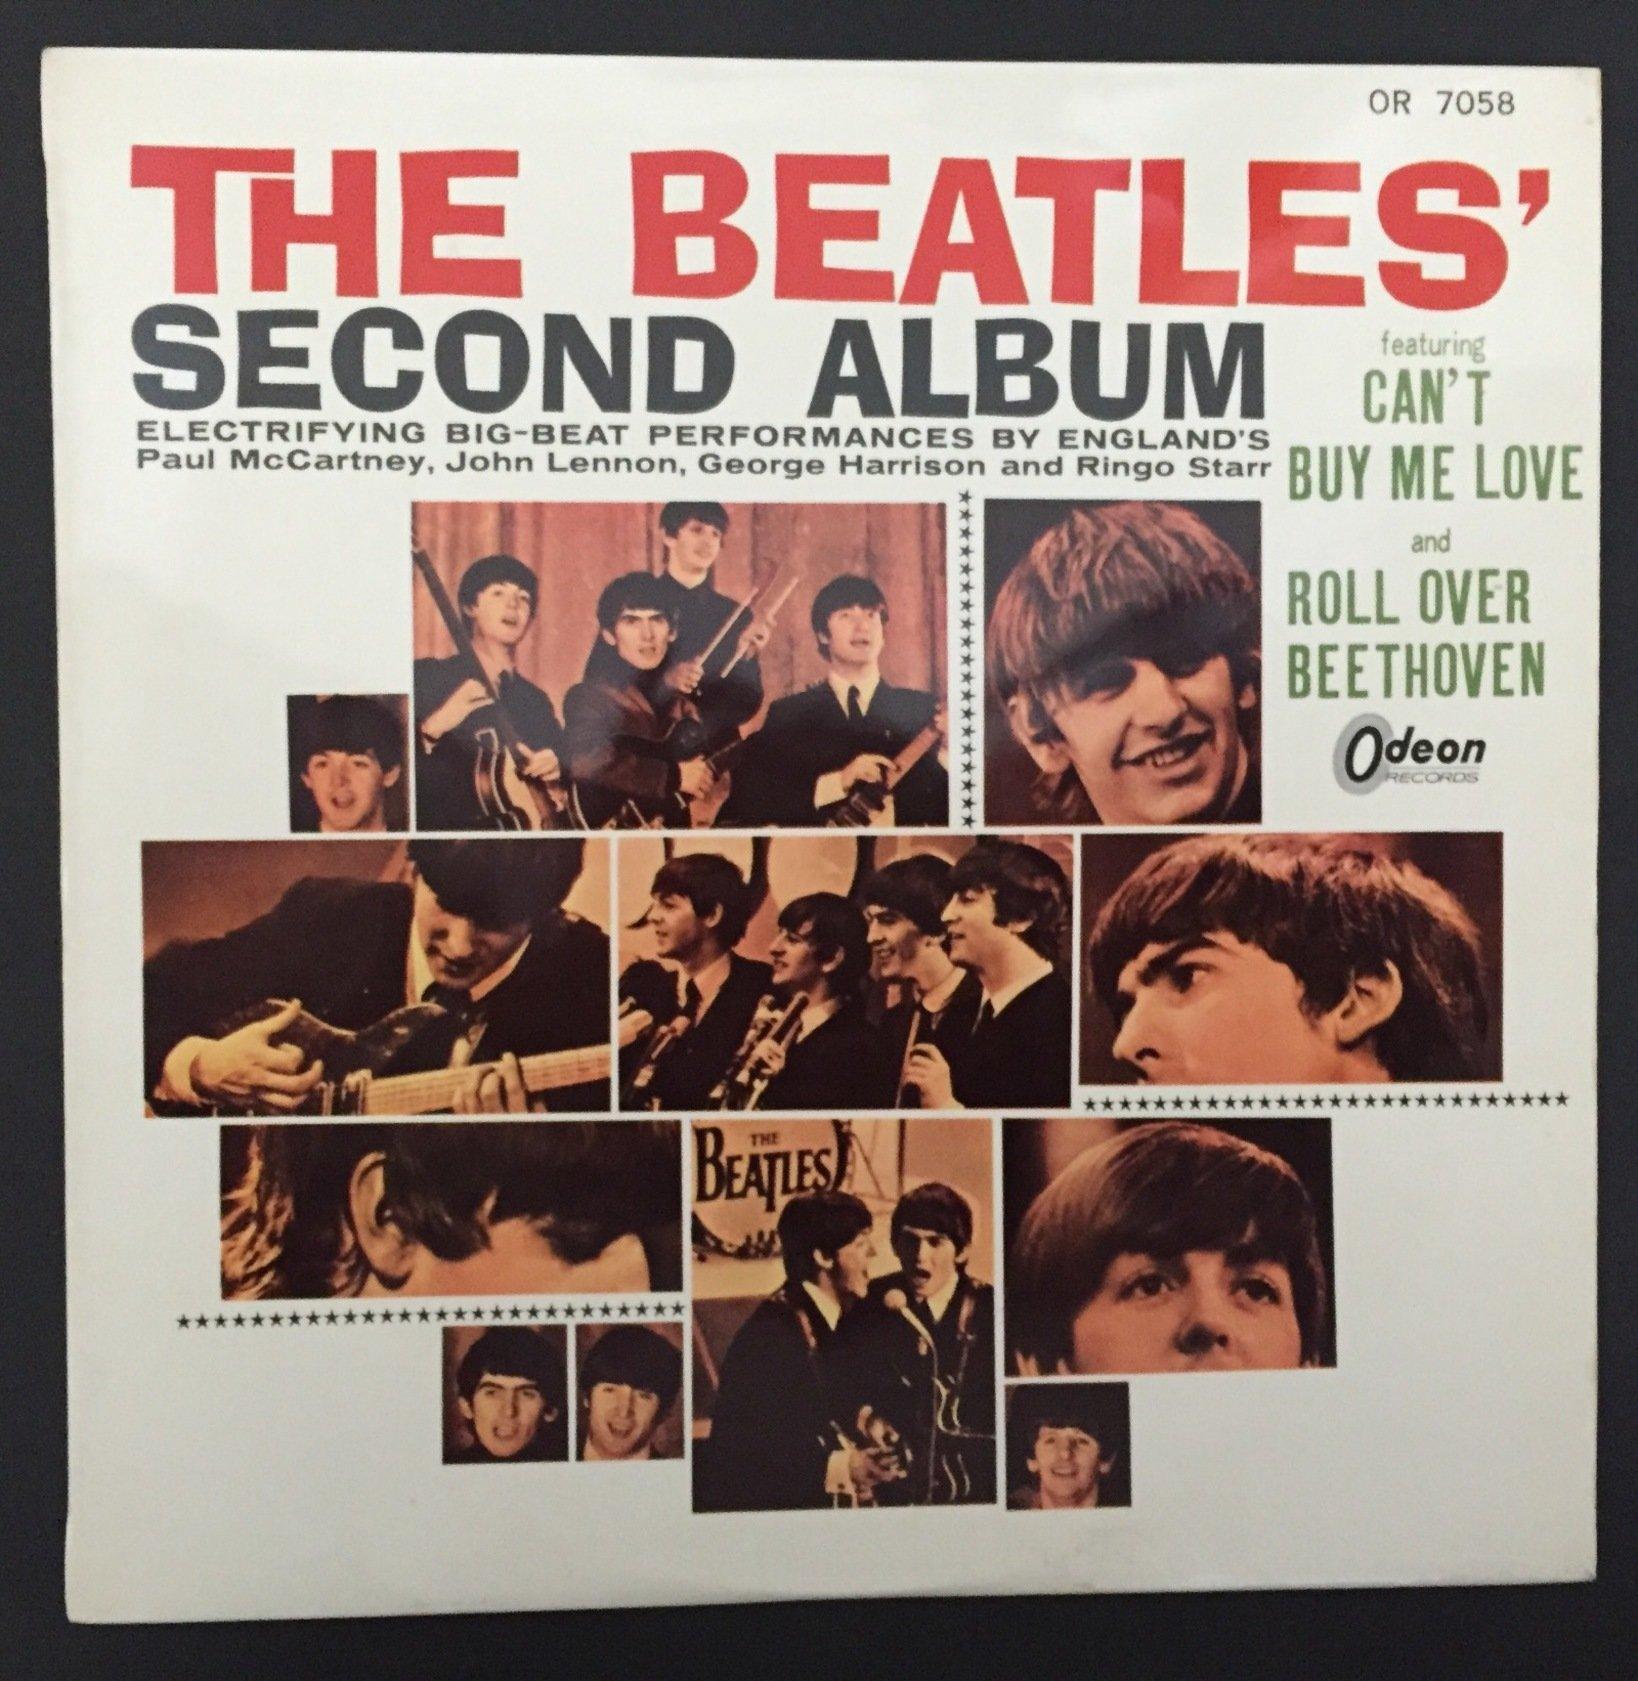 レコード番号 OR-7058